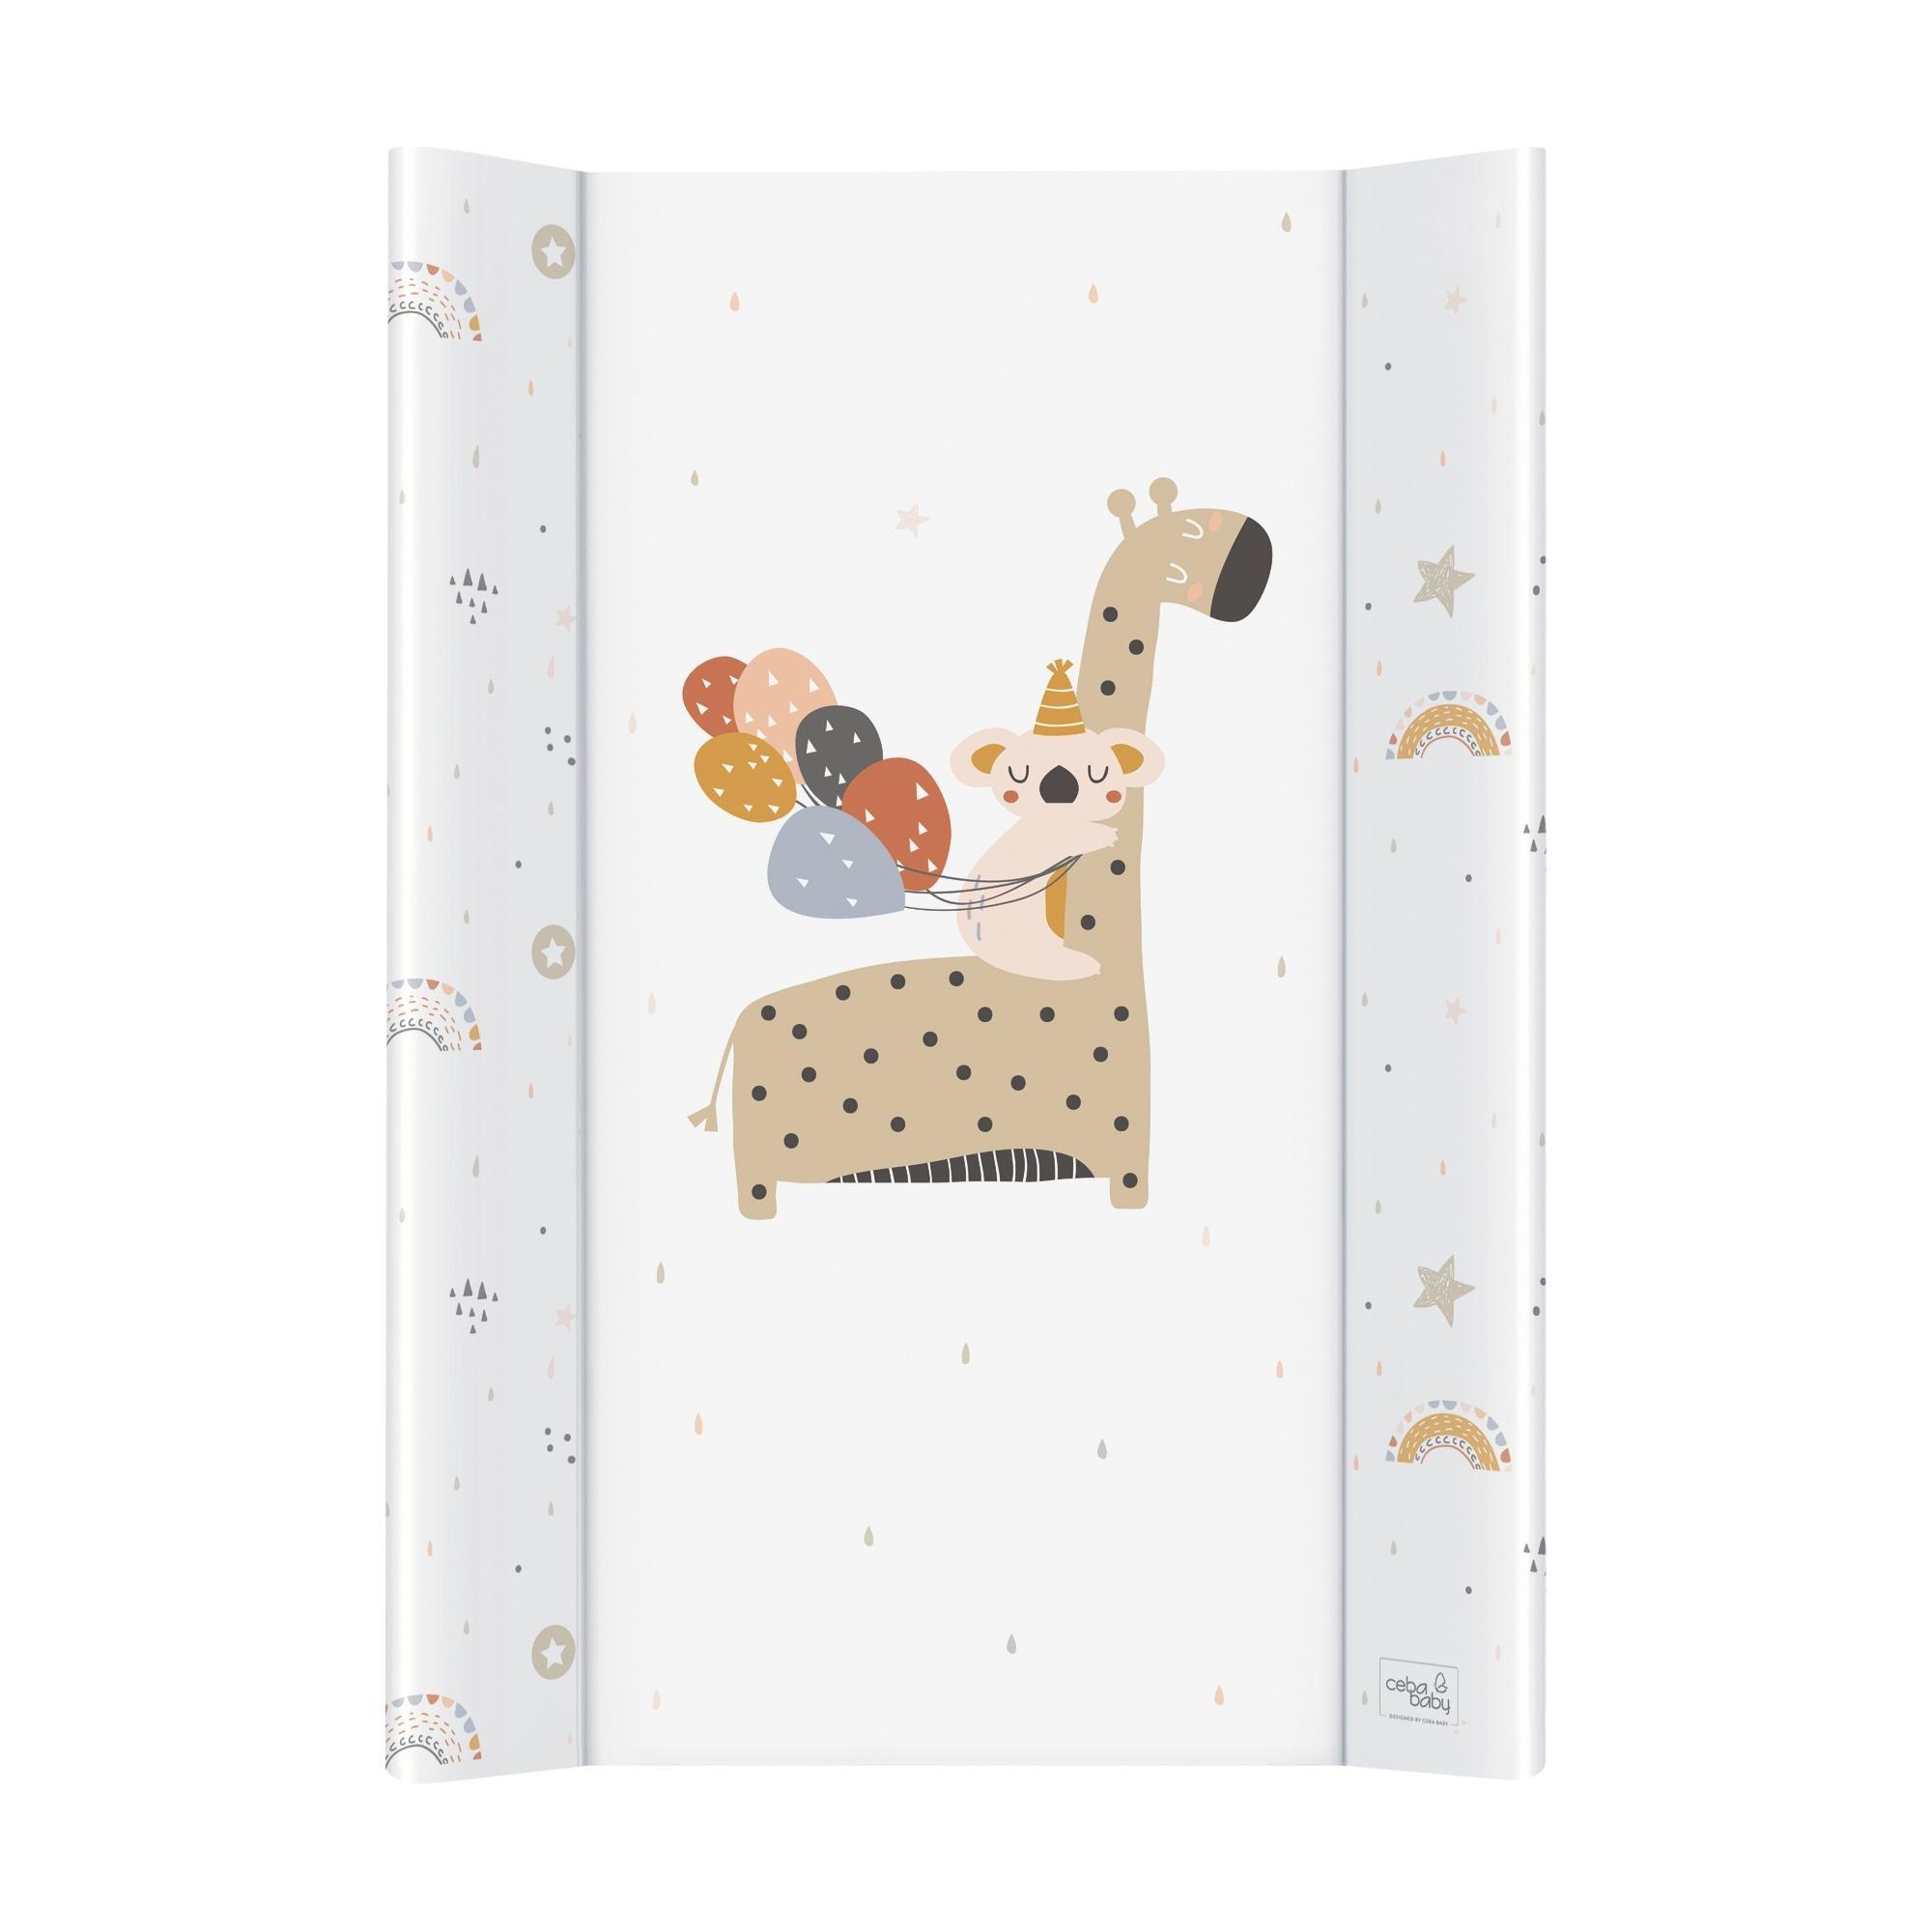 Pøebalovací podložka se zvednutými okraji mìkká 50x70 žirafa